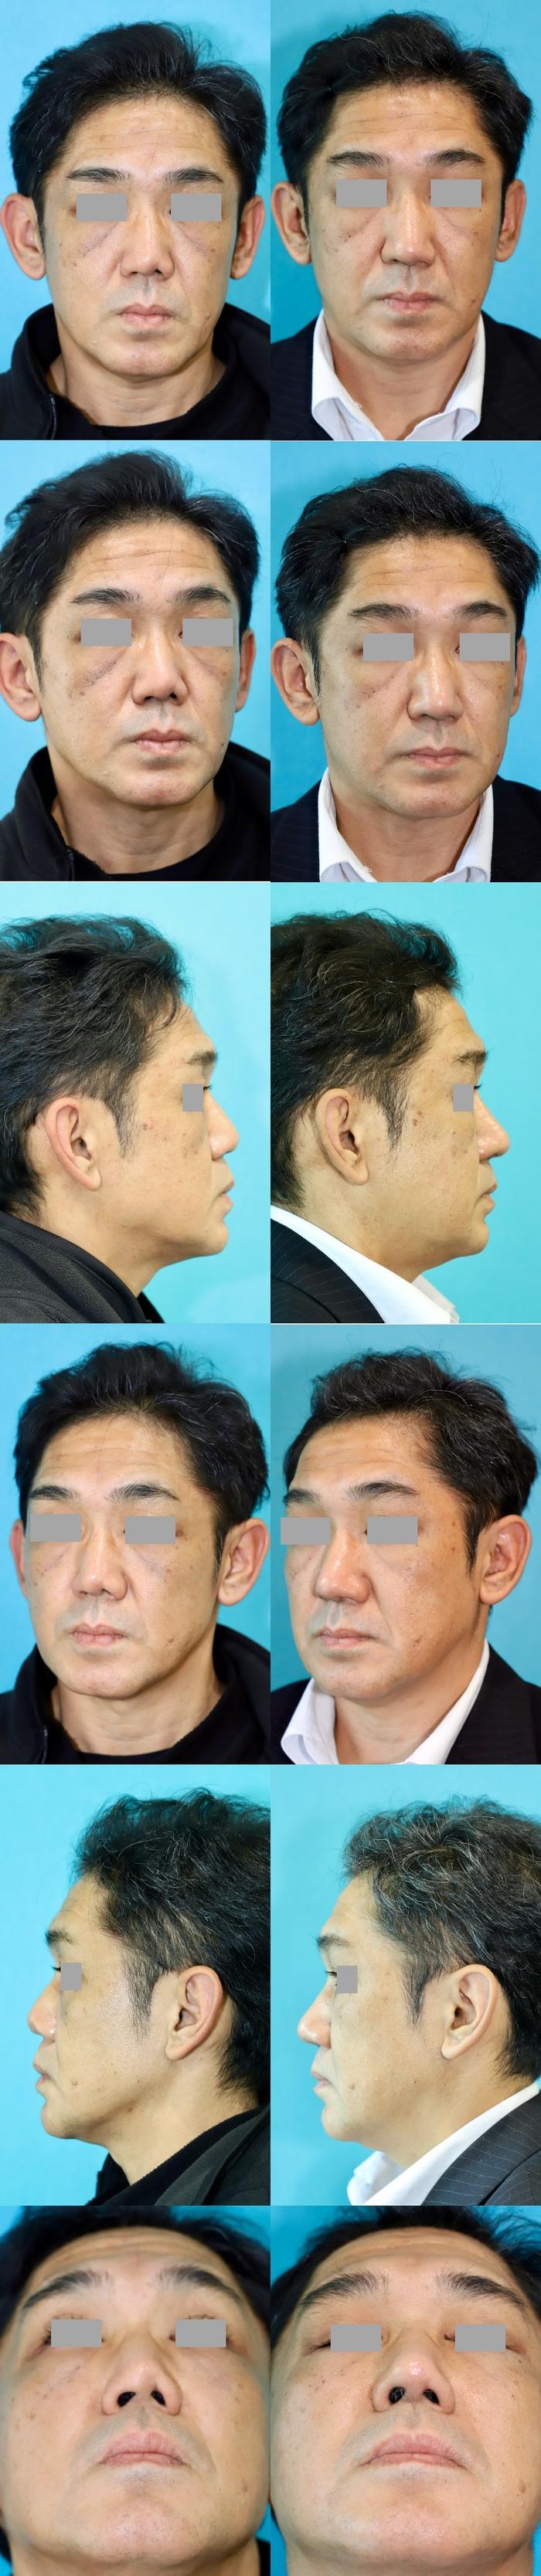 鼻中隔延長術 左鼻孔縁形成術 術後3ヶ月